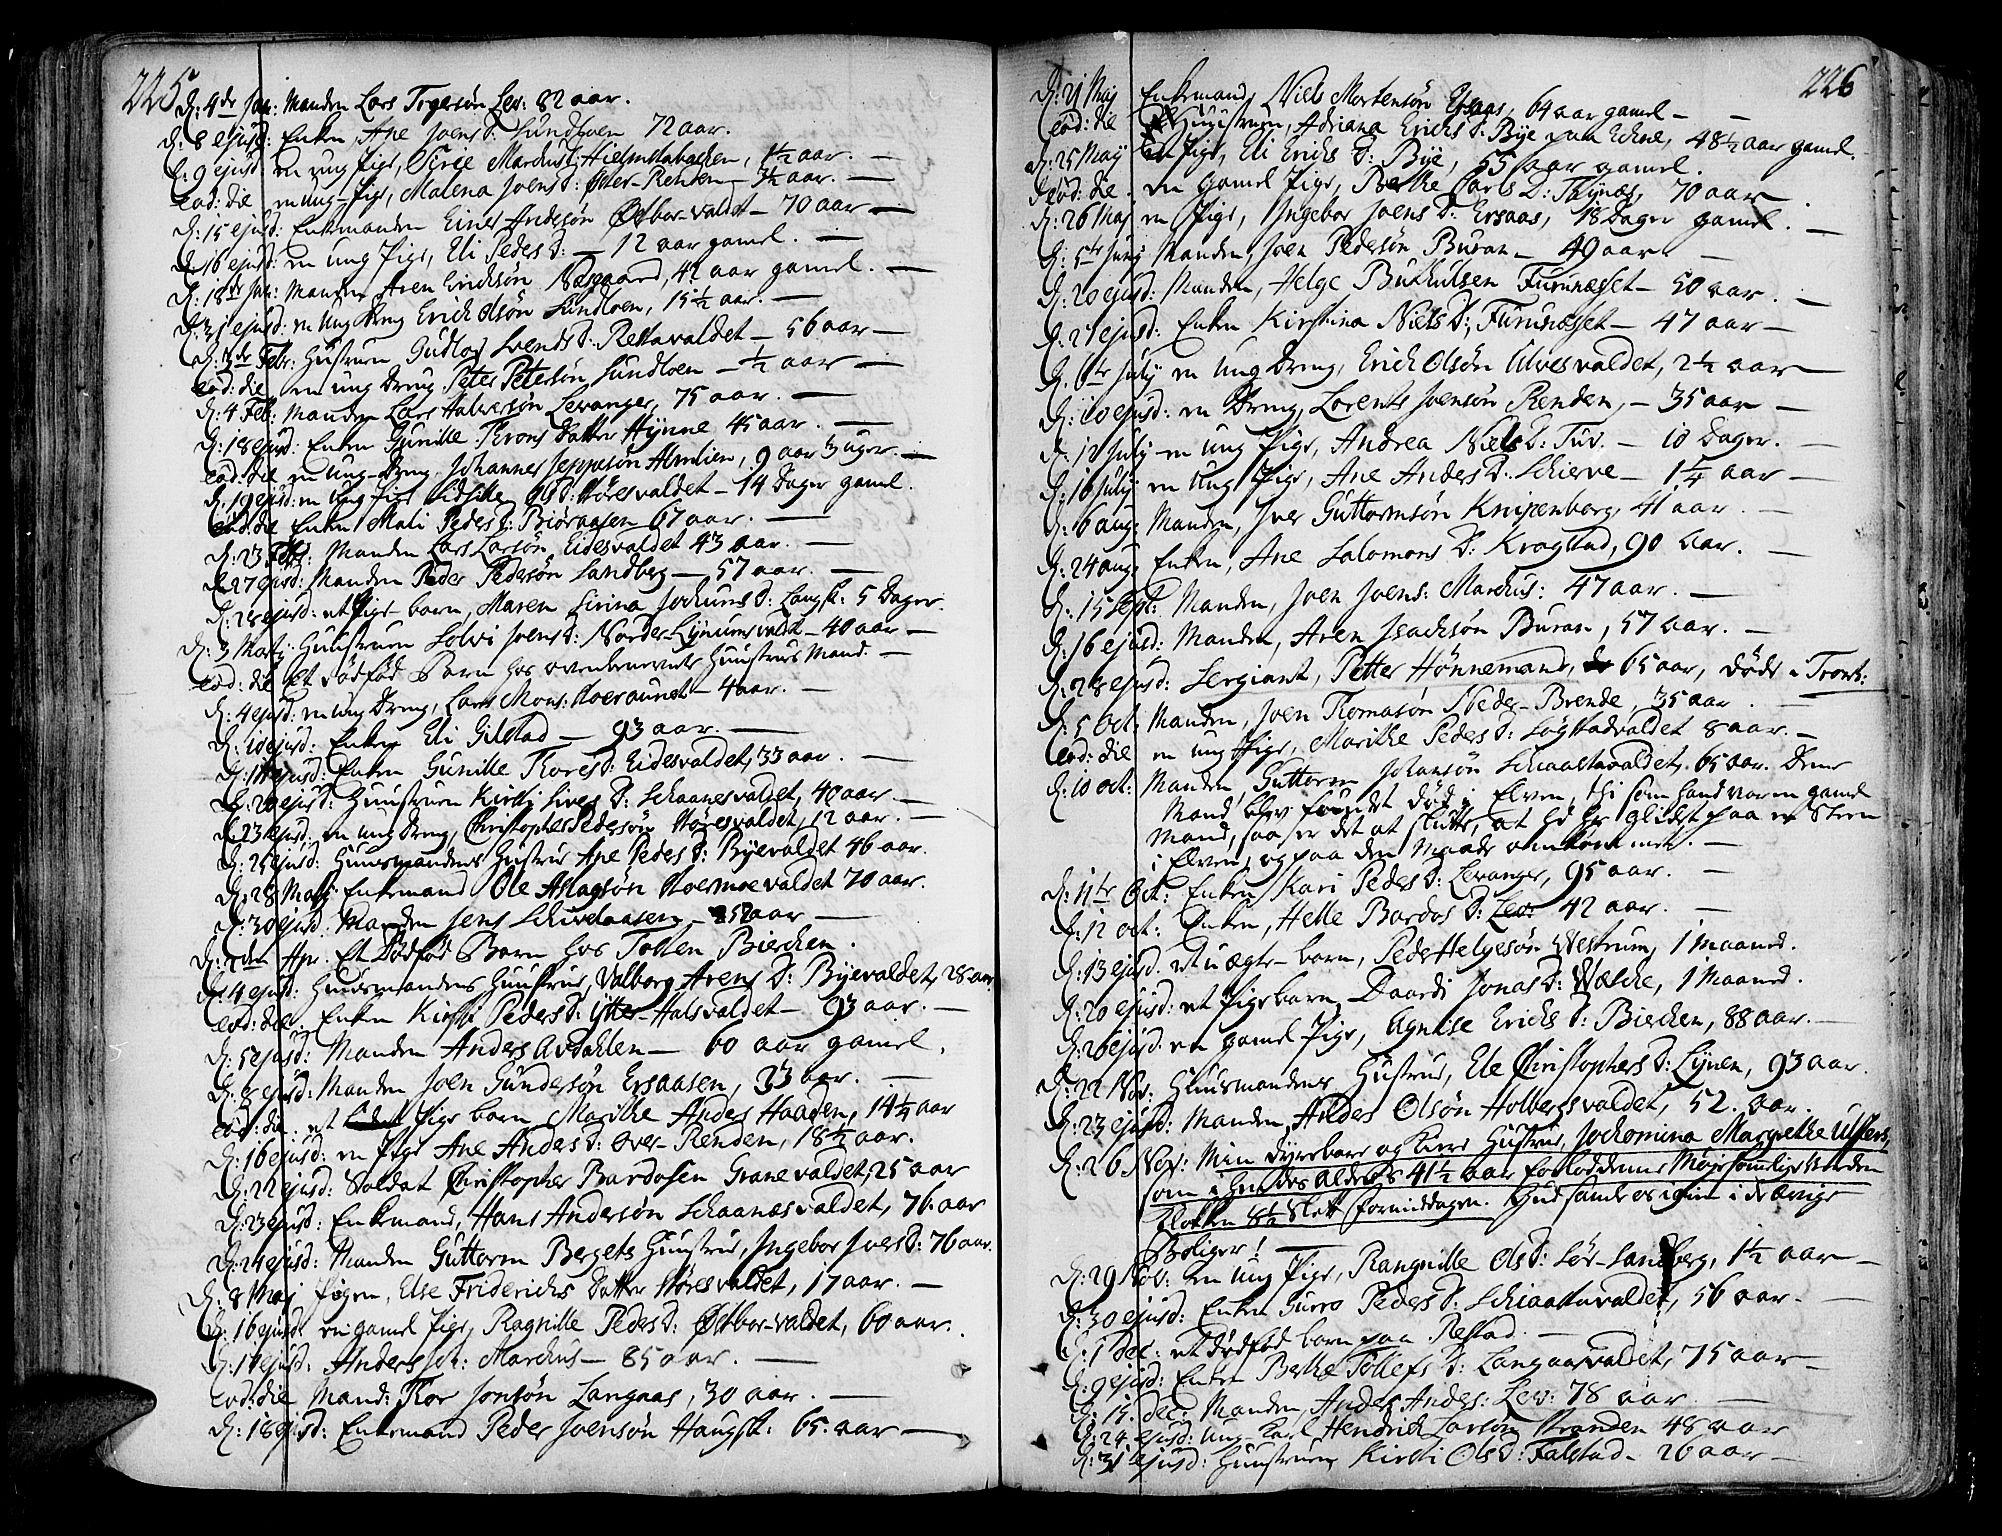 SAT, Ministerialprotokoller, klokkerbøker og fødselsregistre - Nord-Trøndelag, 717/L0141: Ministerialbok nr. 717A01, 1747-1803, s. 225-226